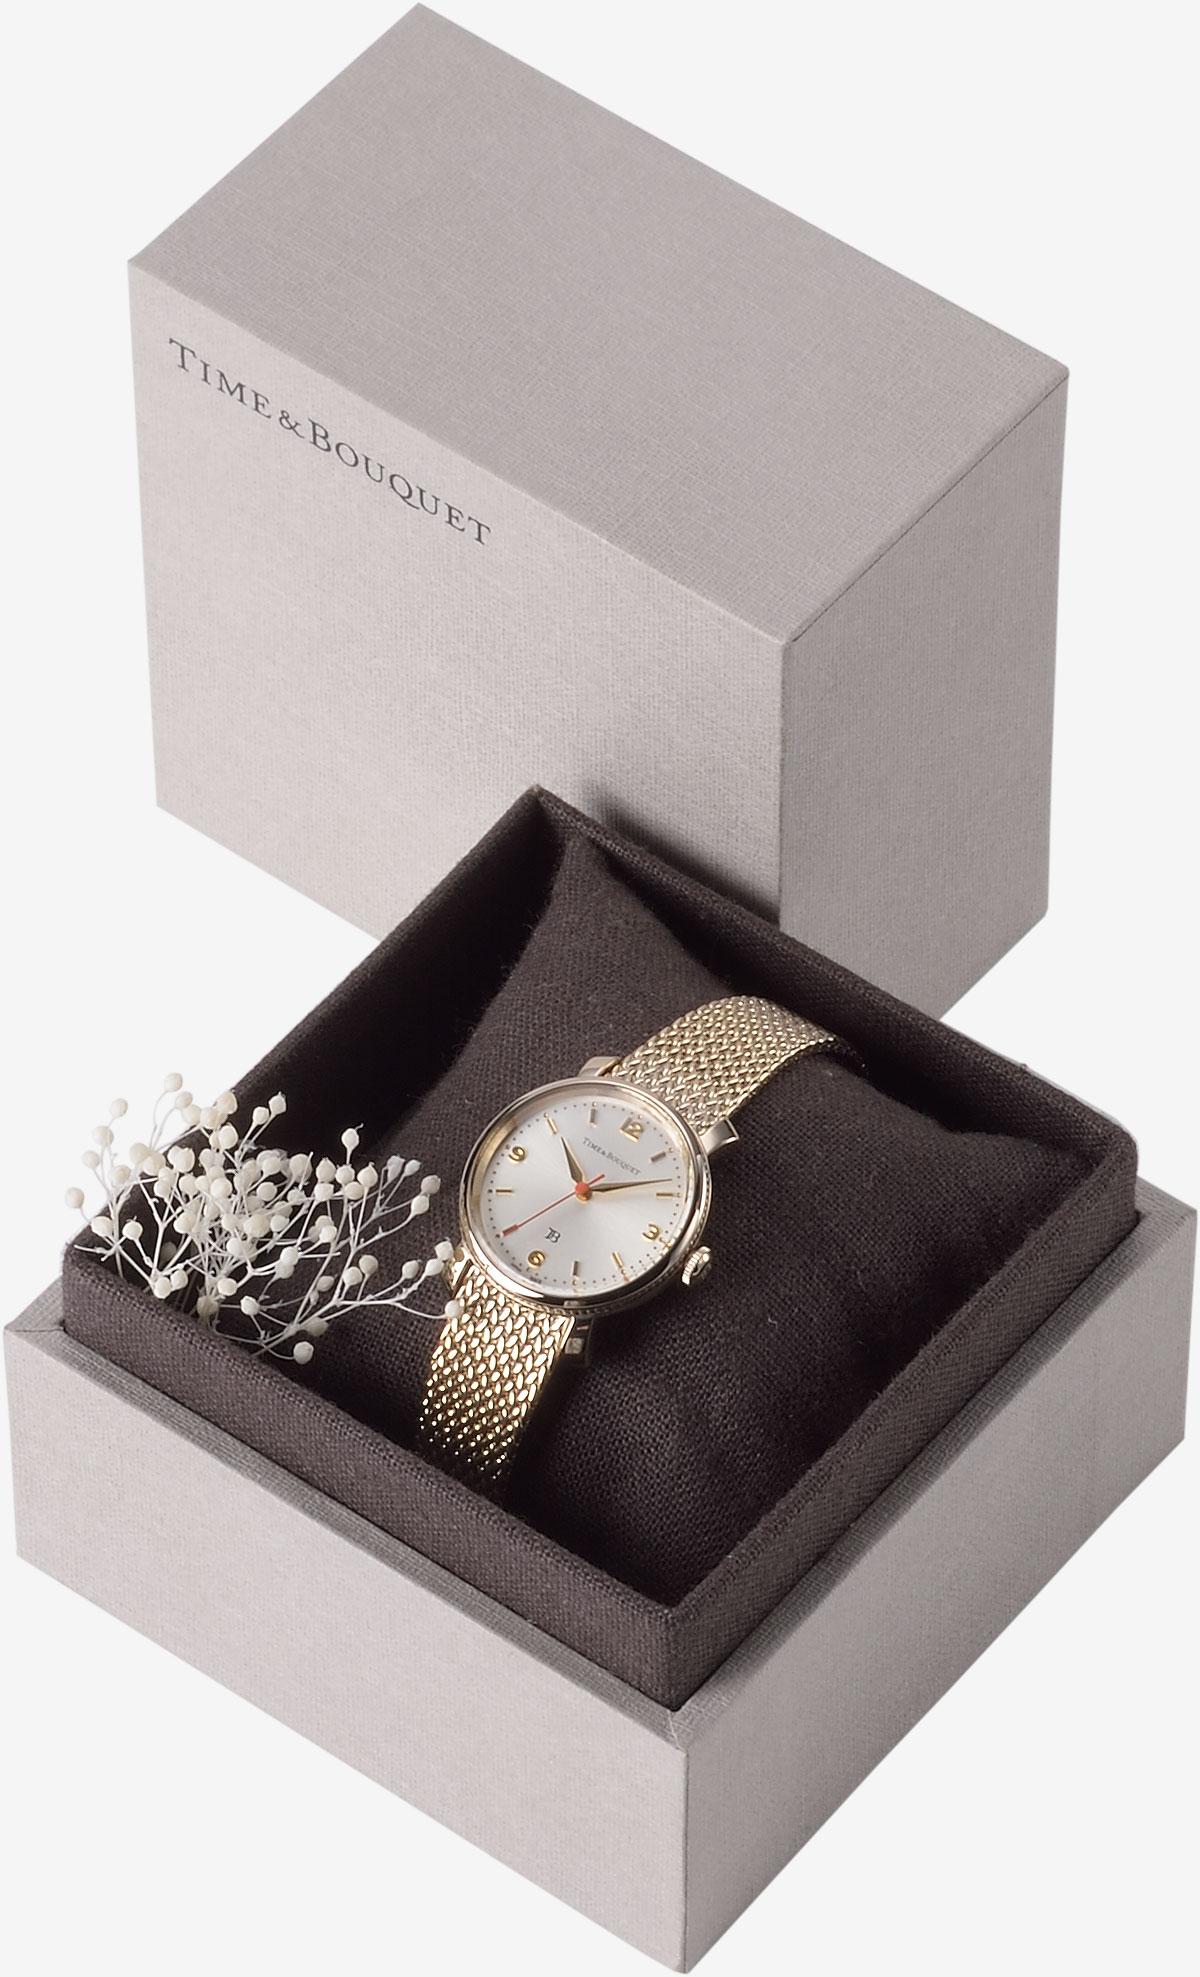 ハーフリネンの生地を内張りとクッションに使用した贅沢なギフトボックスに収納した腕時計コクリコ